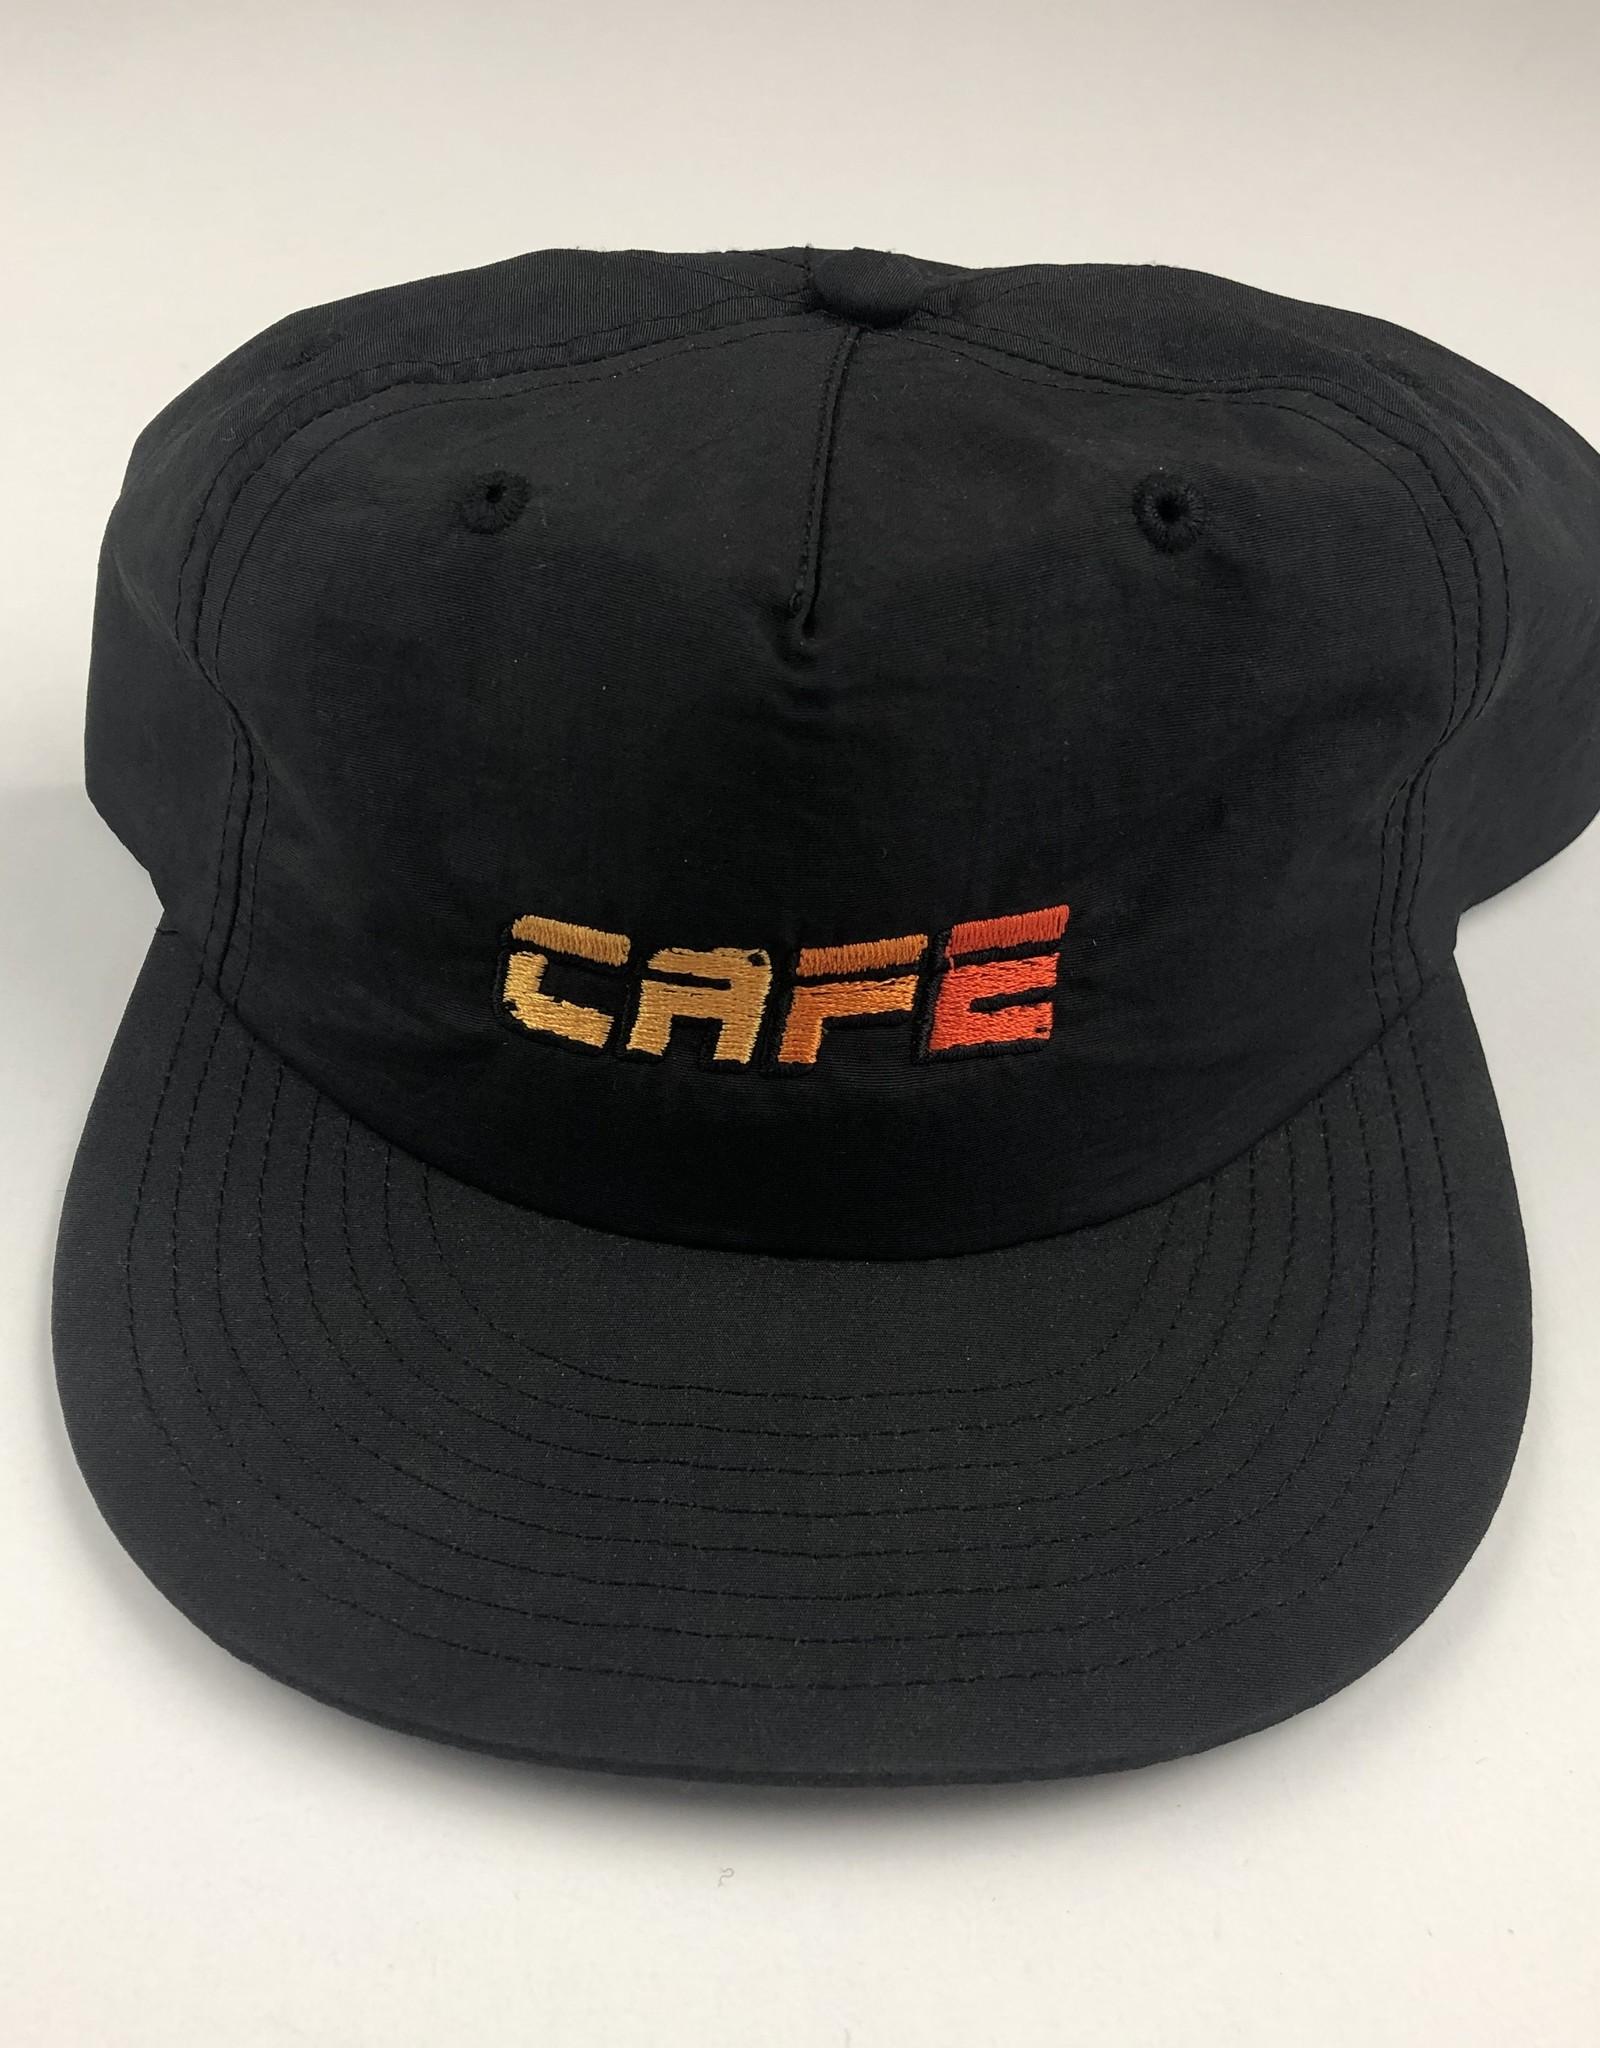 SKATEBOARD CAFE SKATEBOARD CAFE RACER SURF CAP HAT - BLACK